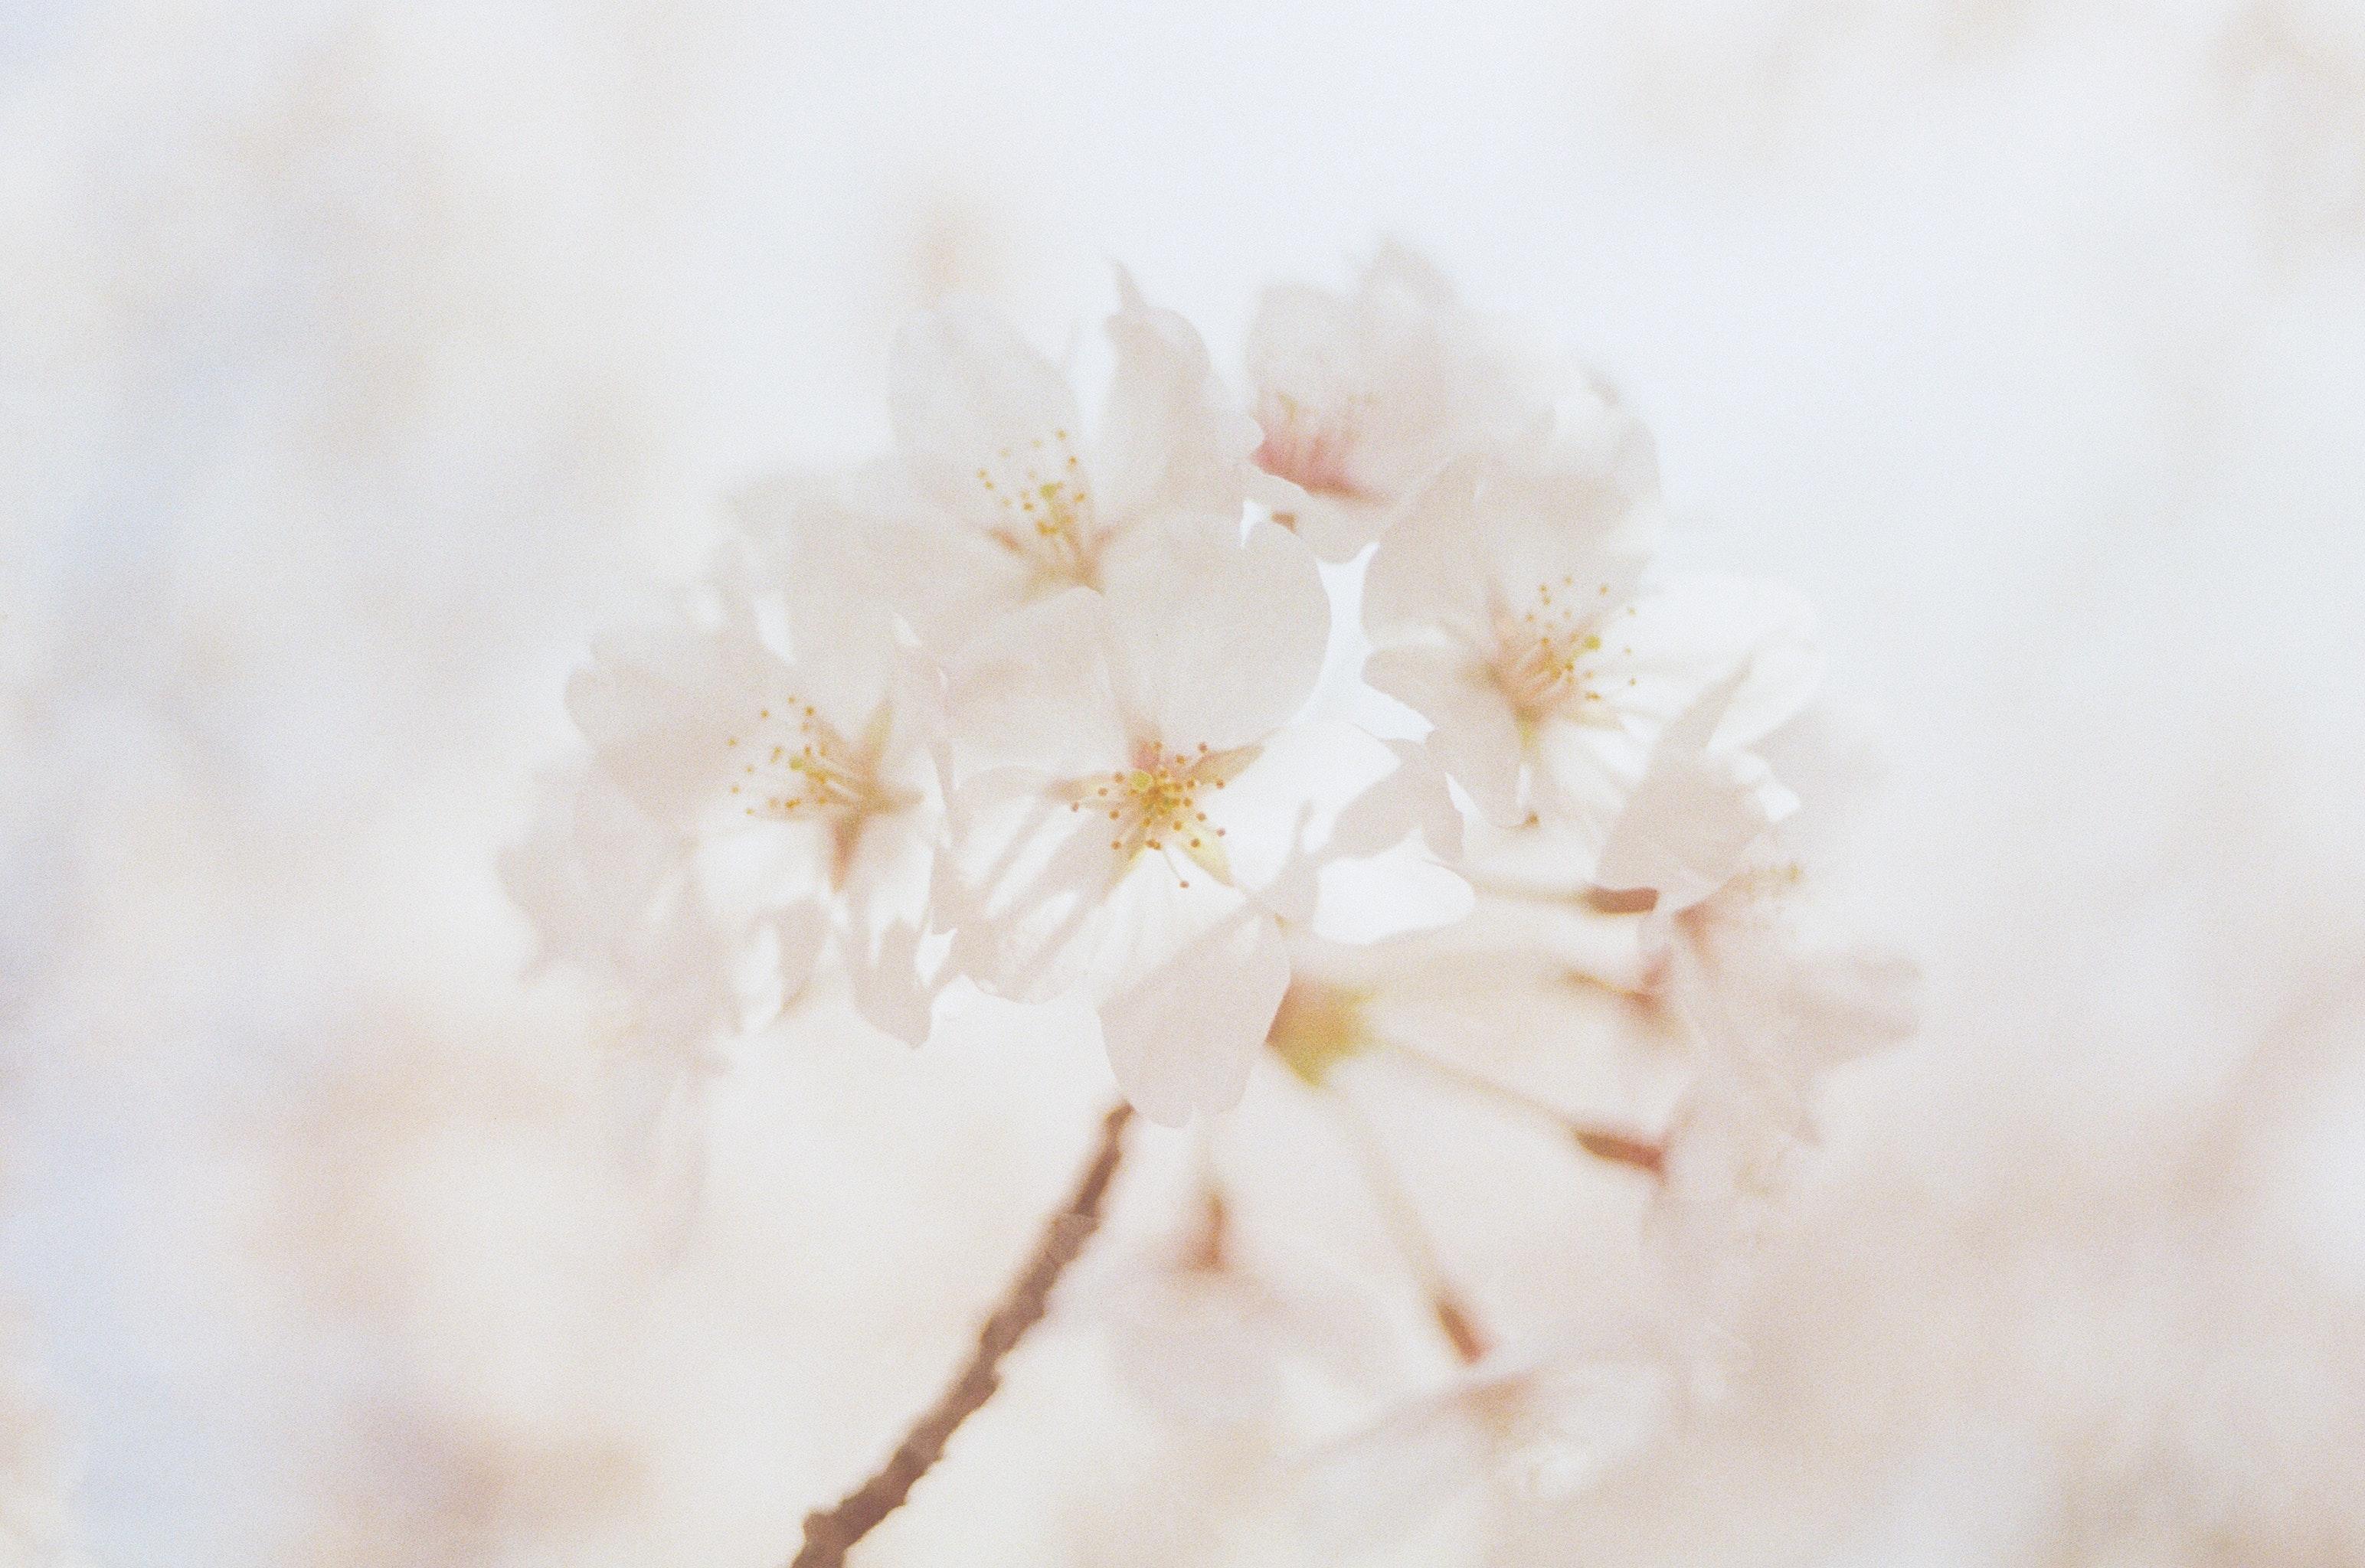 1000+ Beautiful White Flowers Photos · Pexels · Free Stock Photos